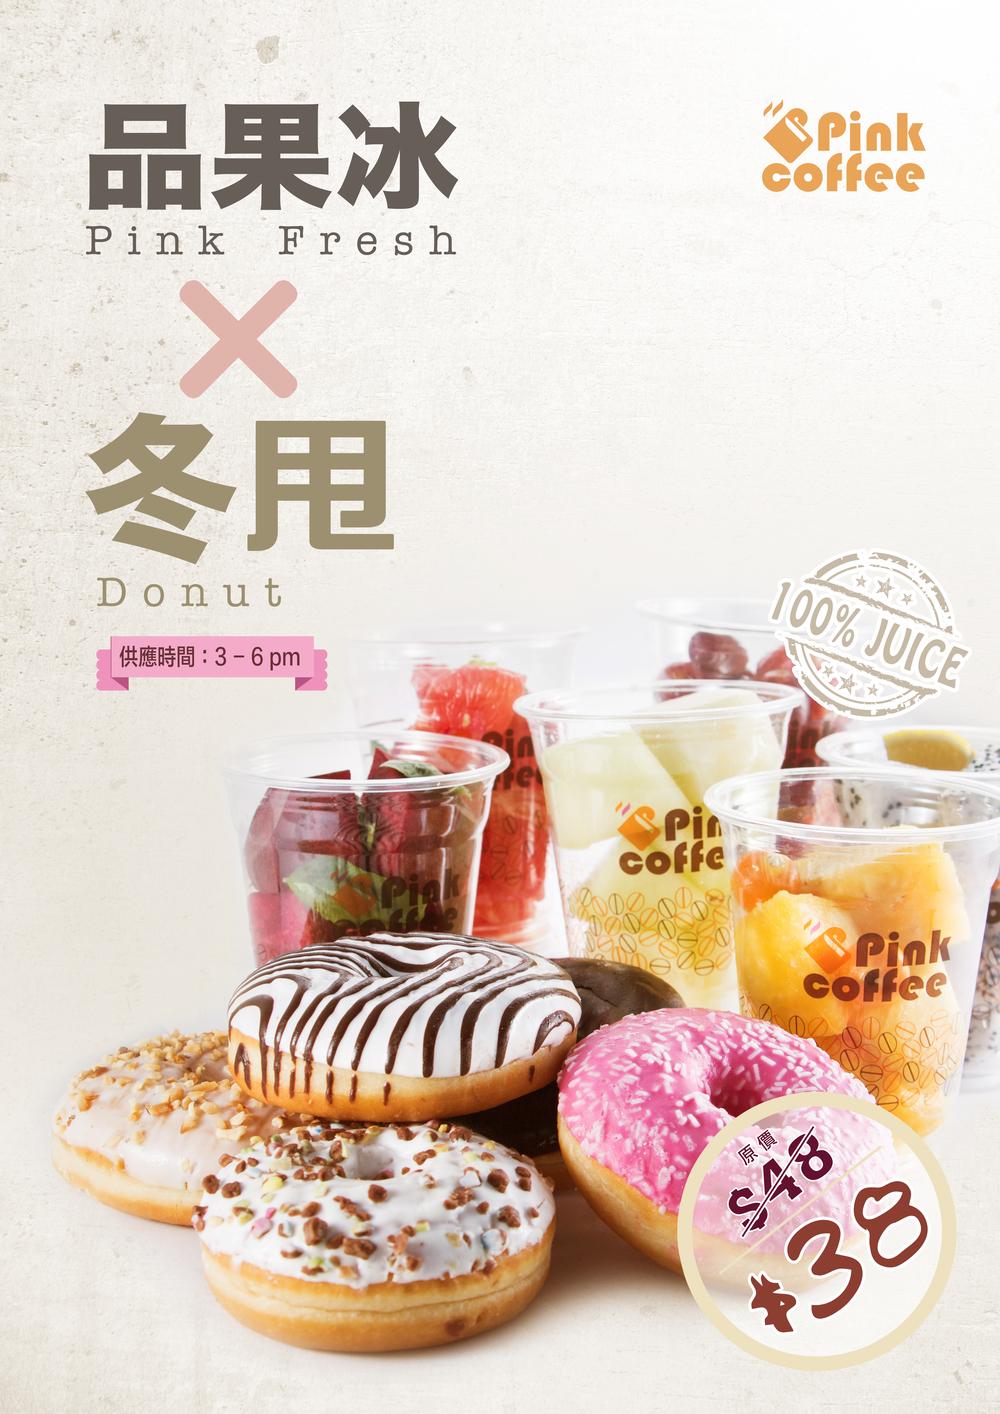 由8月31起,可以去Pink Coffee 嘆全新Tea Set啦!  多款人氣推介品果冰,加上15款造型精美嘅冬甩任你配搭,只售$38咋!每日下午3-6,都有供應!快啲嚟試吓啦!